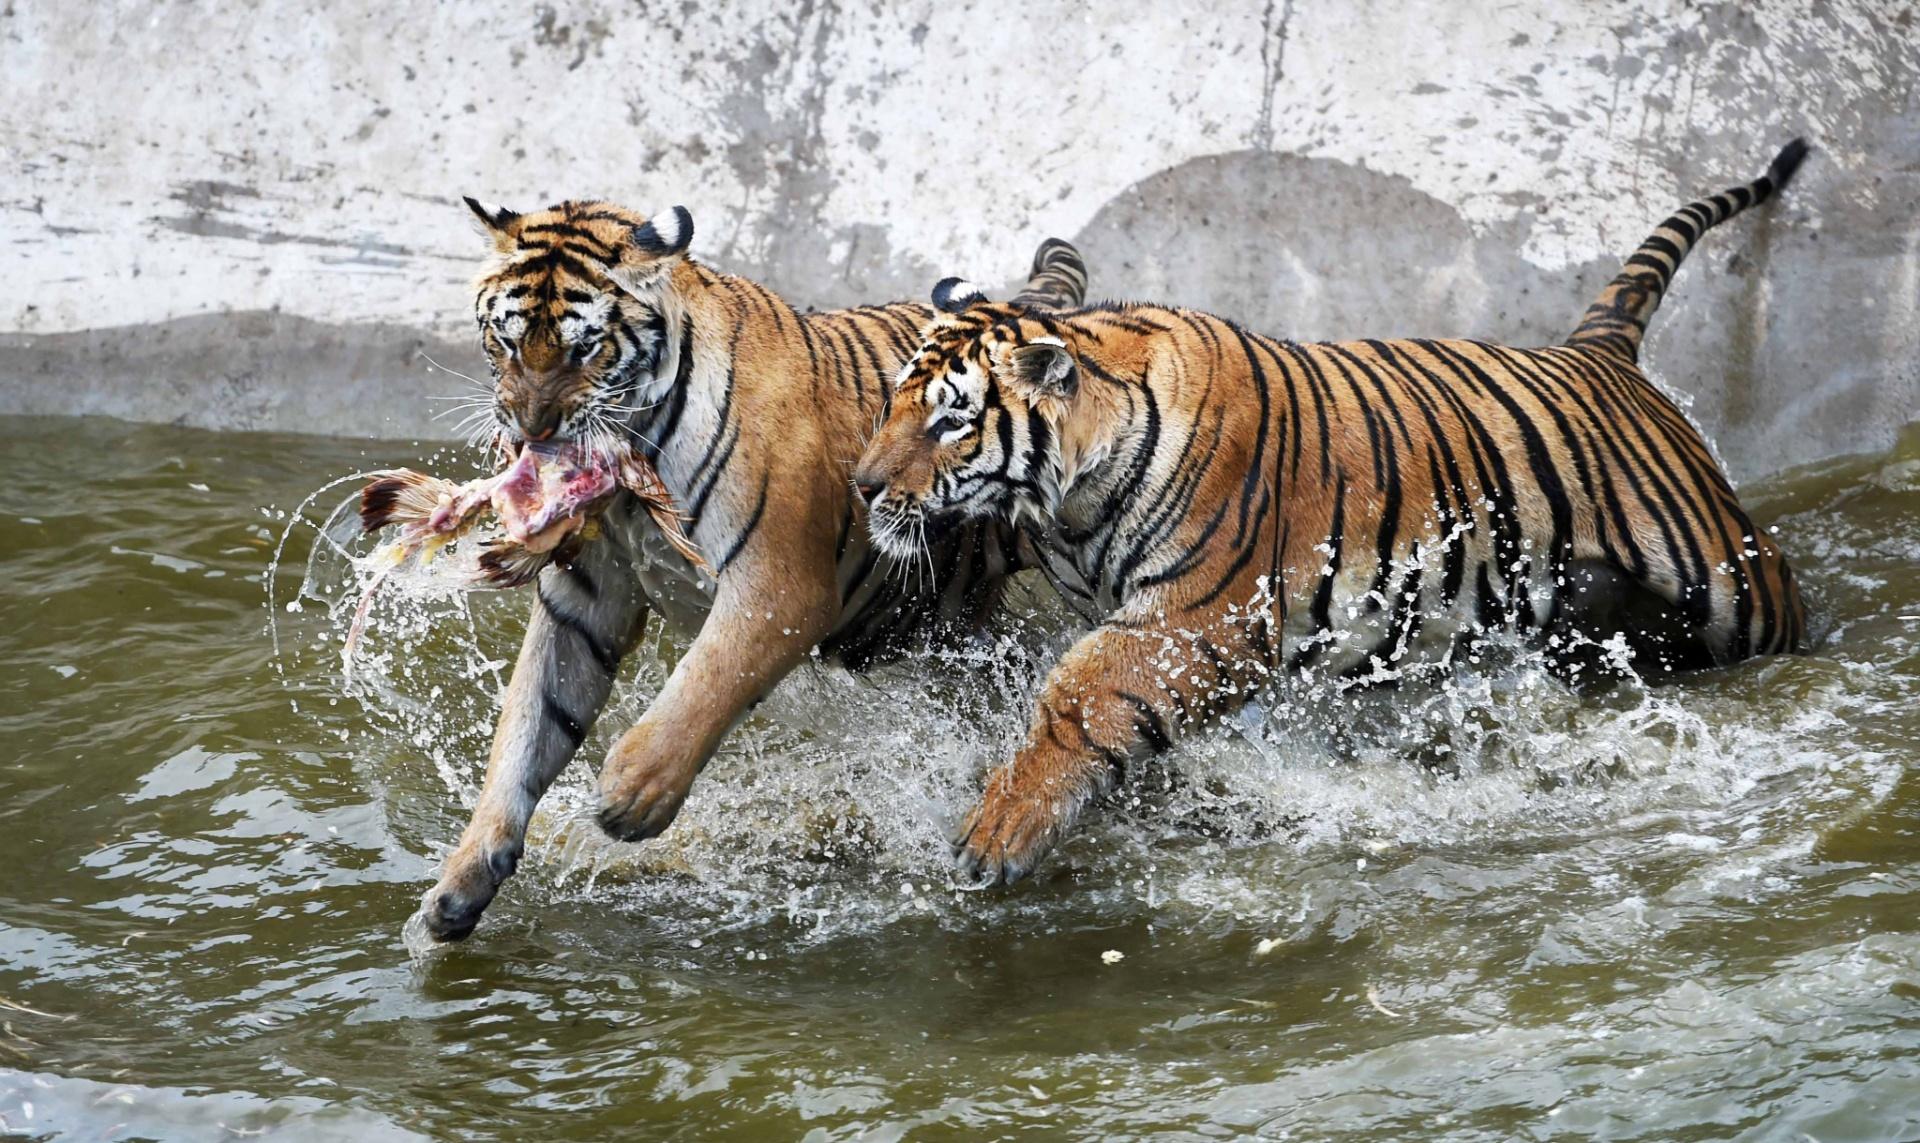 13.jul.2016 - Tigres-siberianos capturam uma galinha no Parque de Tigres-Siberianos, em Hailin, na China. O parque é um dos maiores centros artificiais de criação de tigres e conta com 400 animais da espécie. A cada ano, 50 novos tigres-siberianos nascem no local